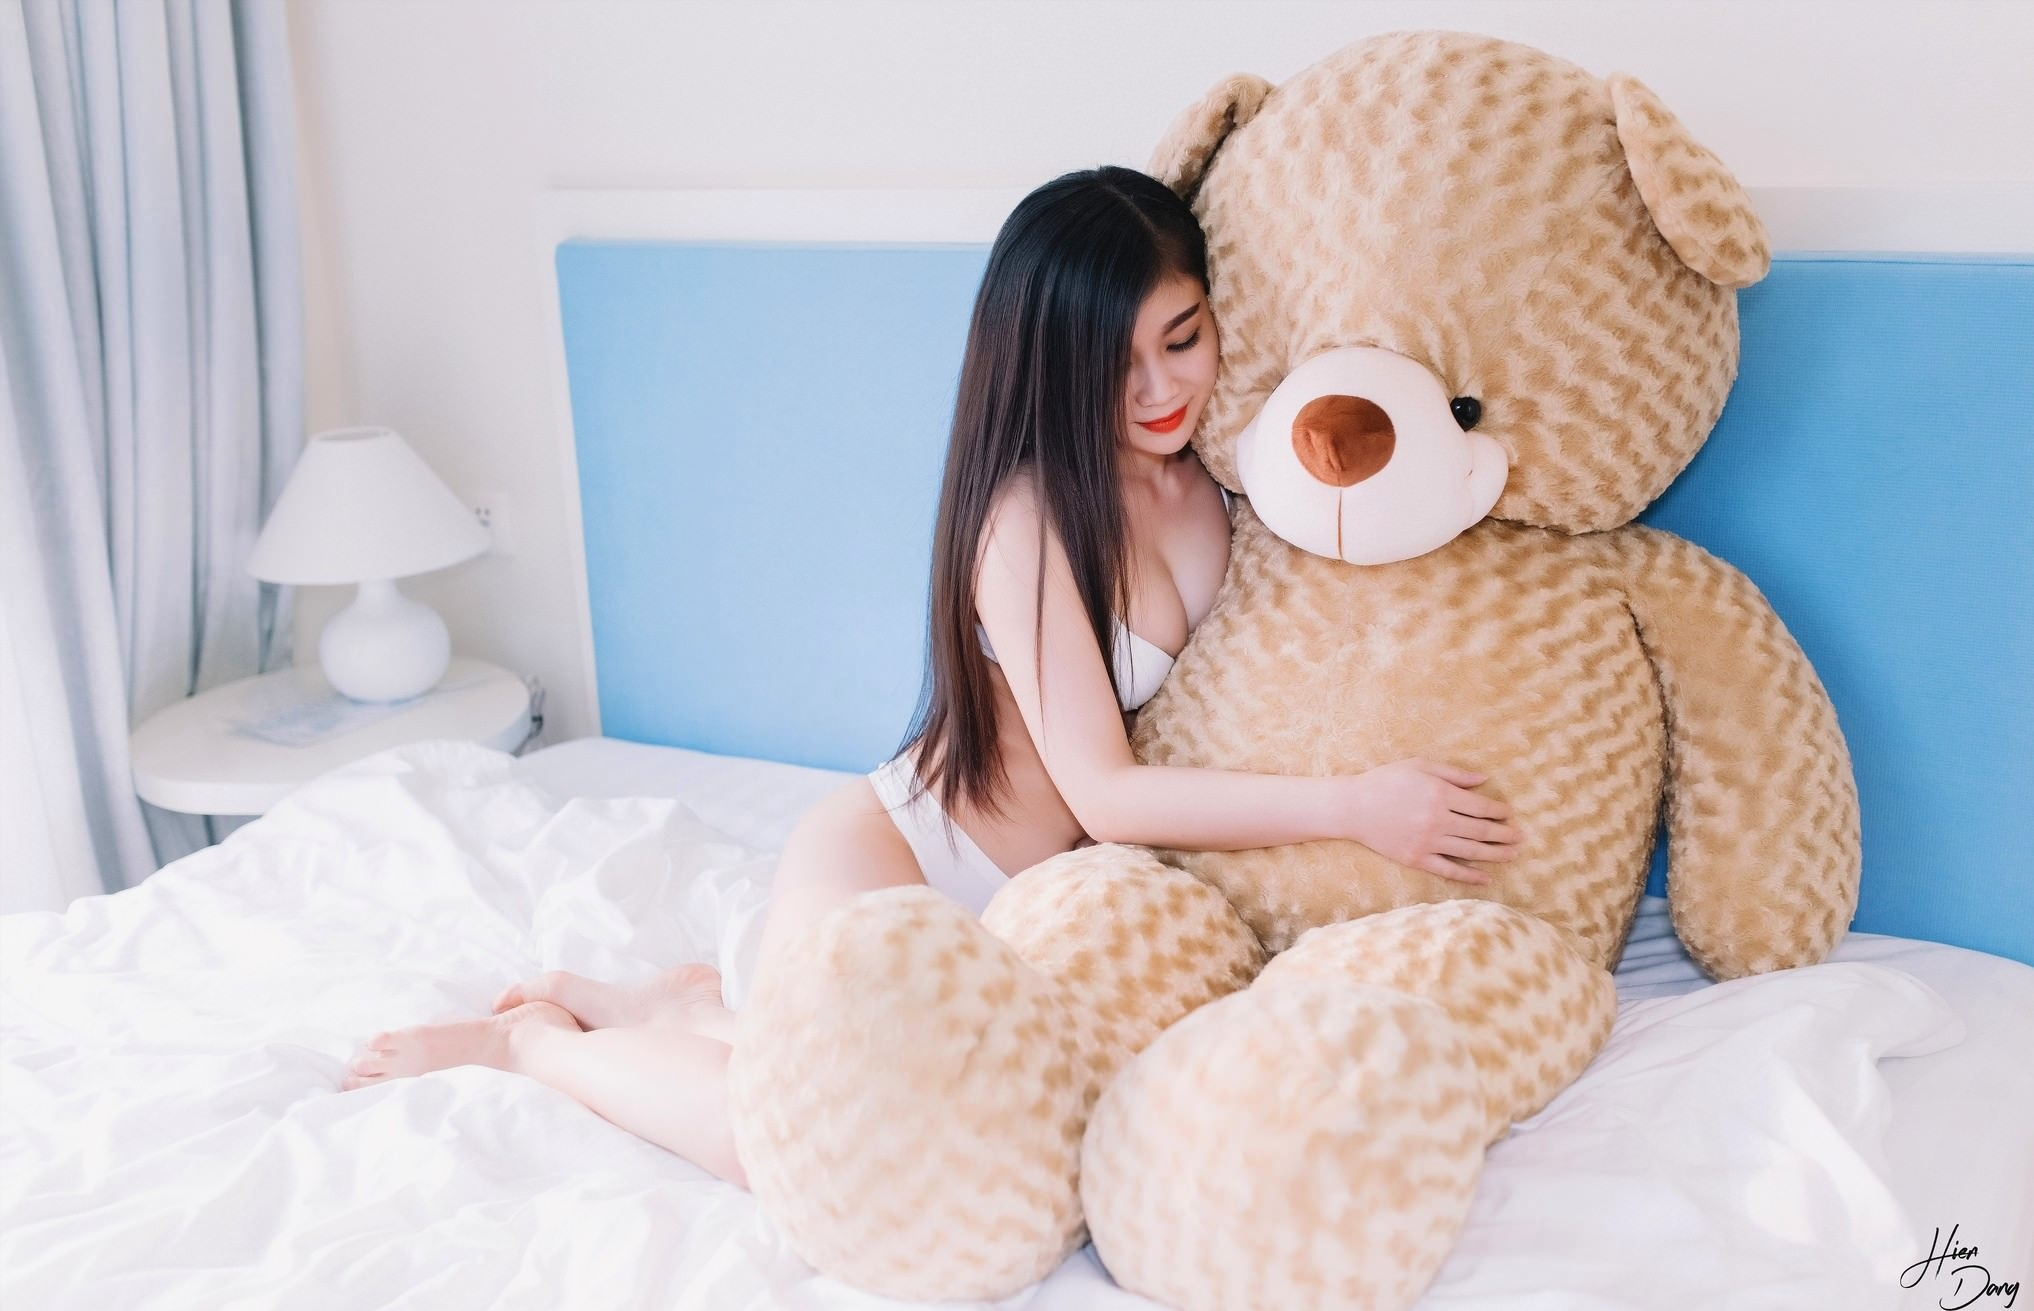 Фото Красивая азиатка обнимает большого плюшевого мишку в постели, японка в белом нижнем белье, красные губки, скачать картинку бесплатно